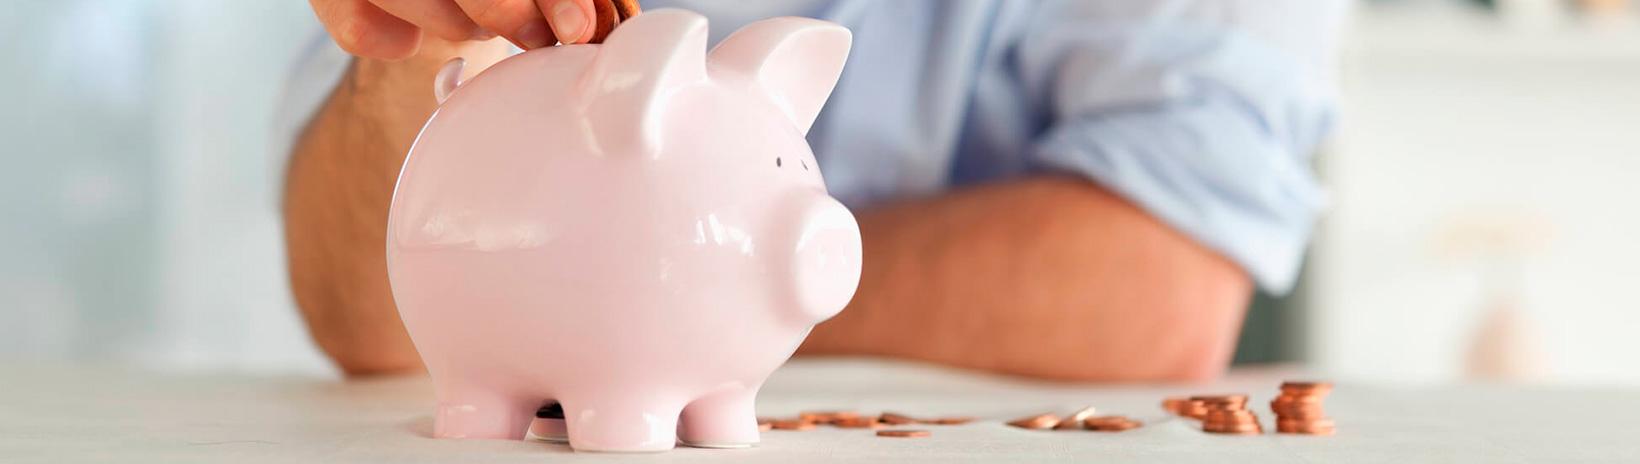 Consórcio ou poupança: saiba qual é a melhor opção para você